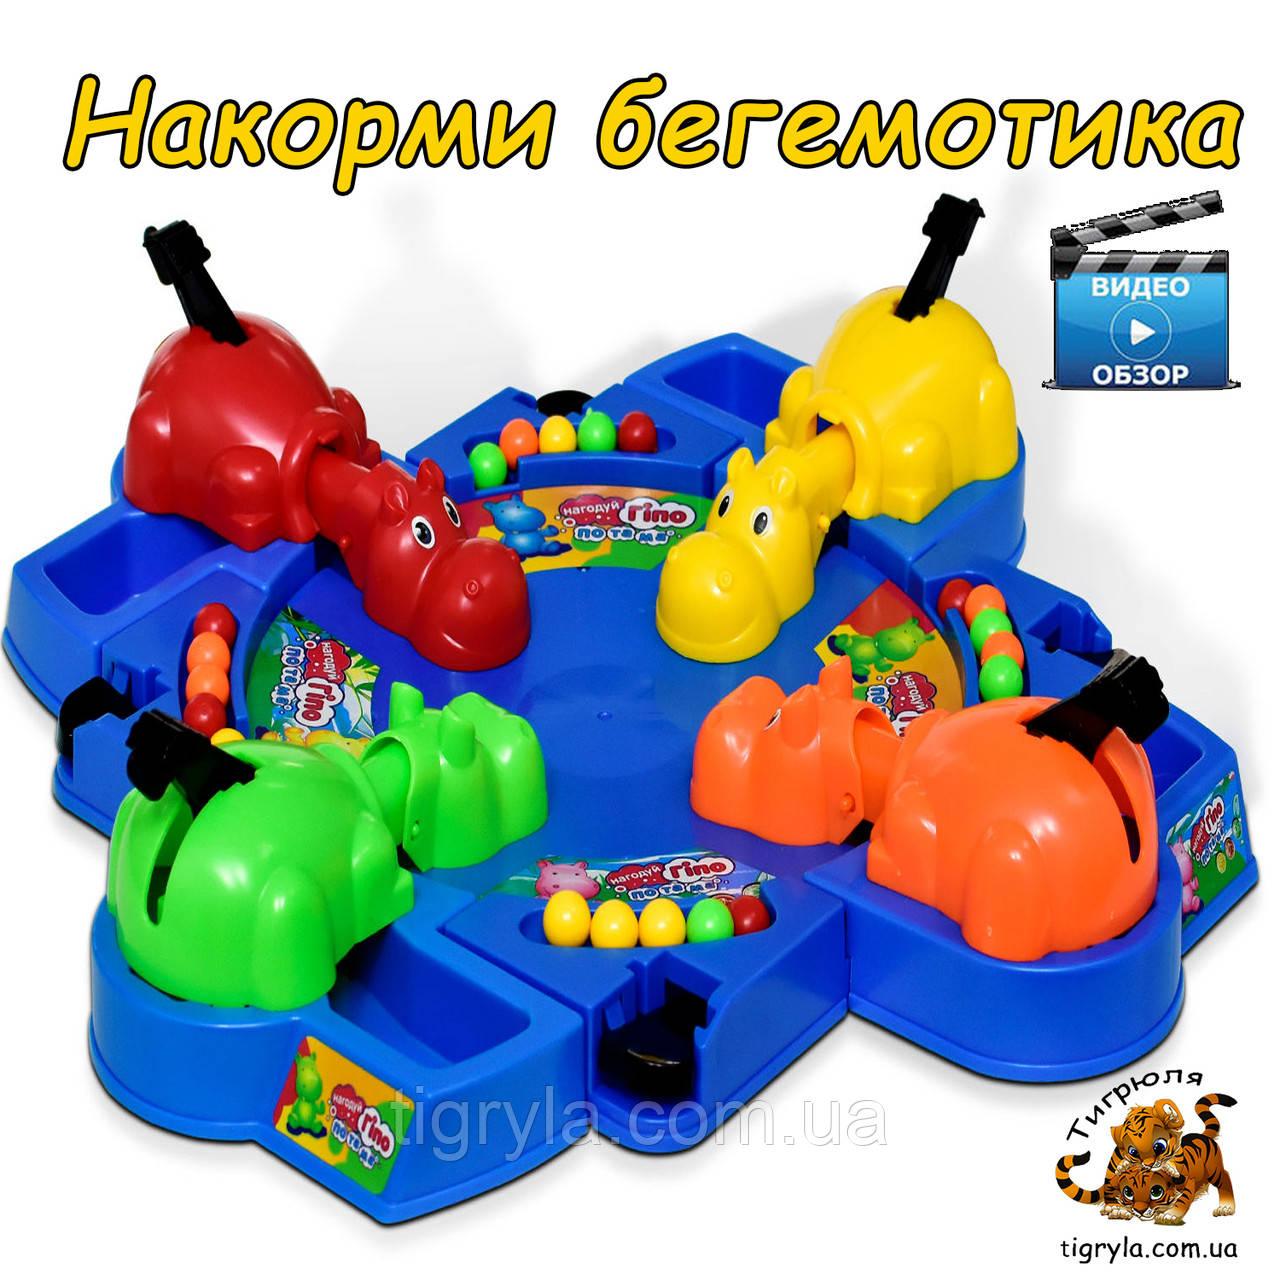 """Настольная игра """"Нагодуй Гіпопотама"""" в коробке """"FUN GAME"""", голодные бегемотики, накорми бегемота"""